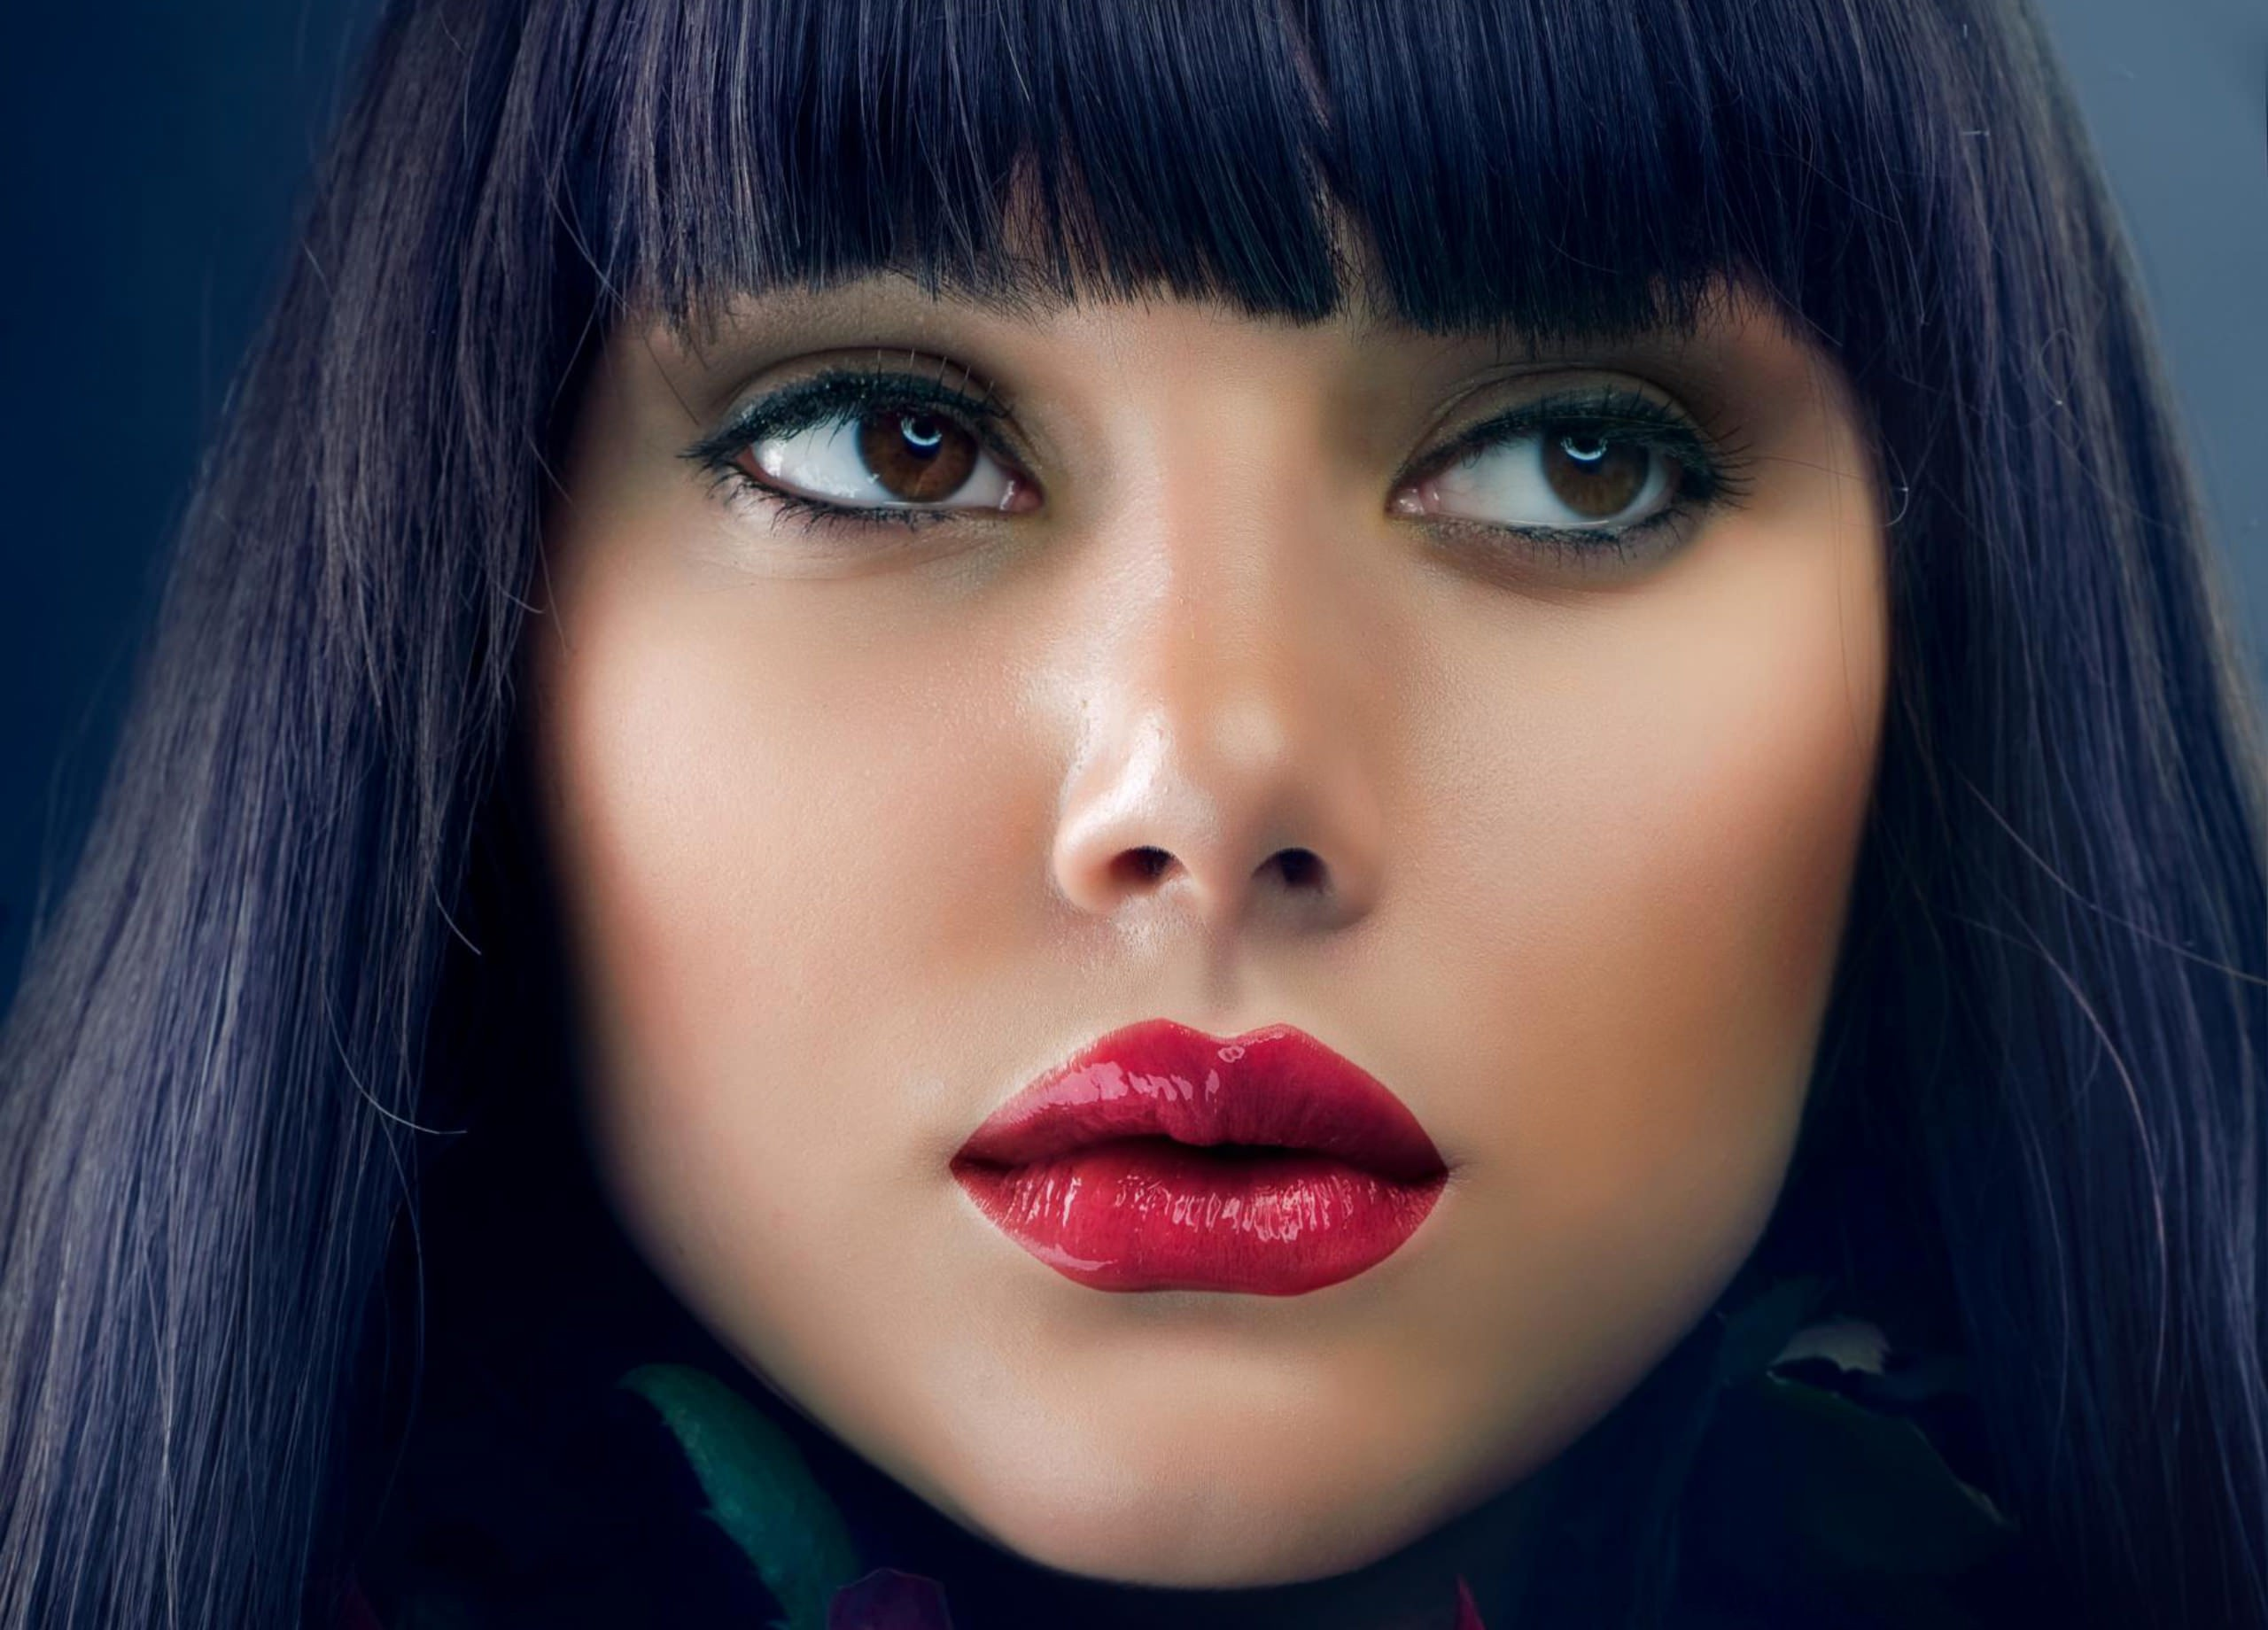 девушка губы лицо взгляд бесплатно